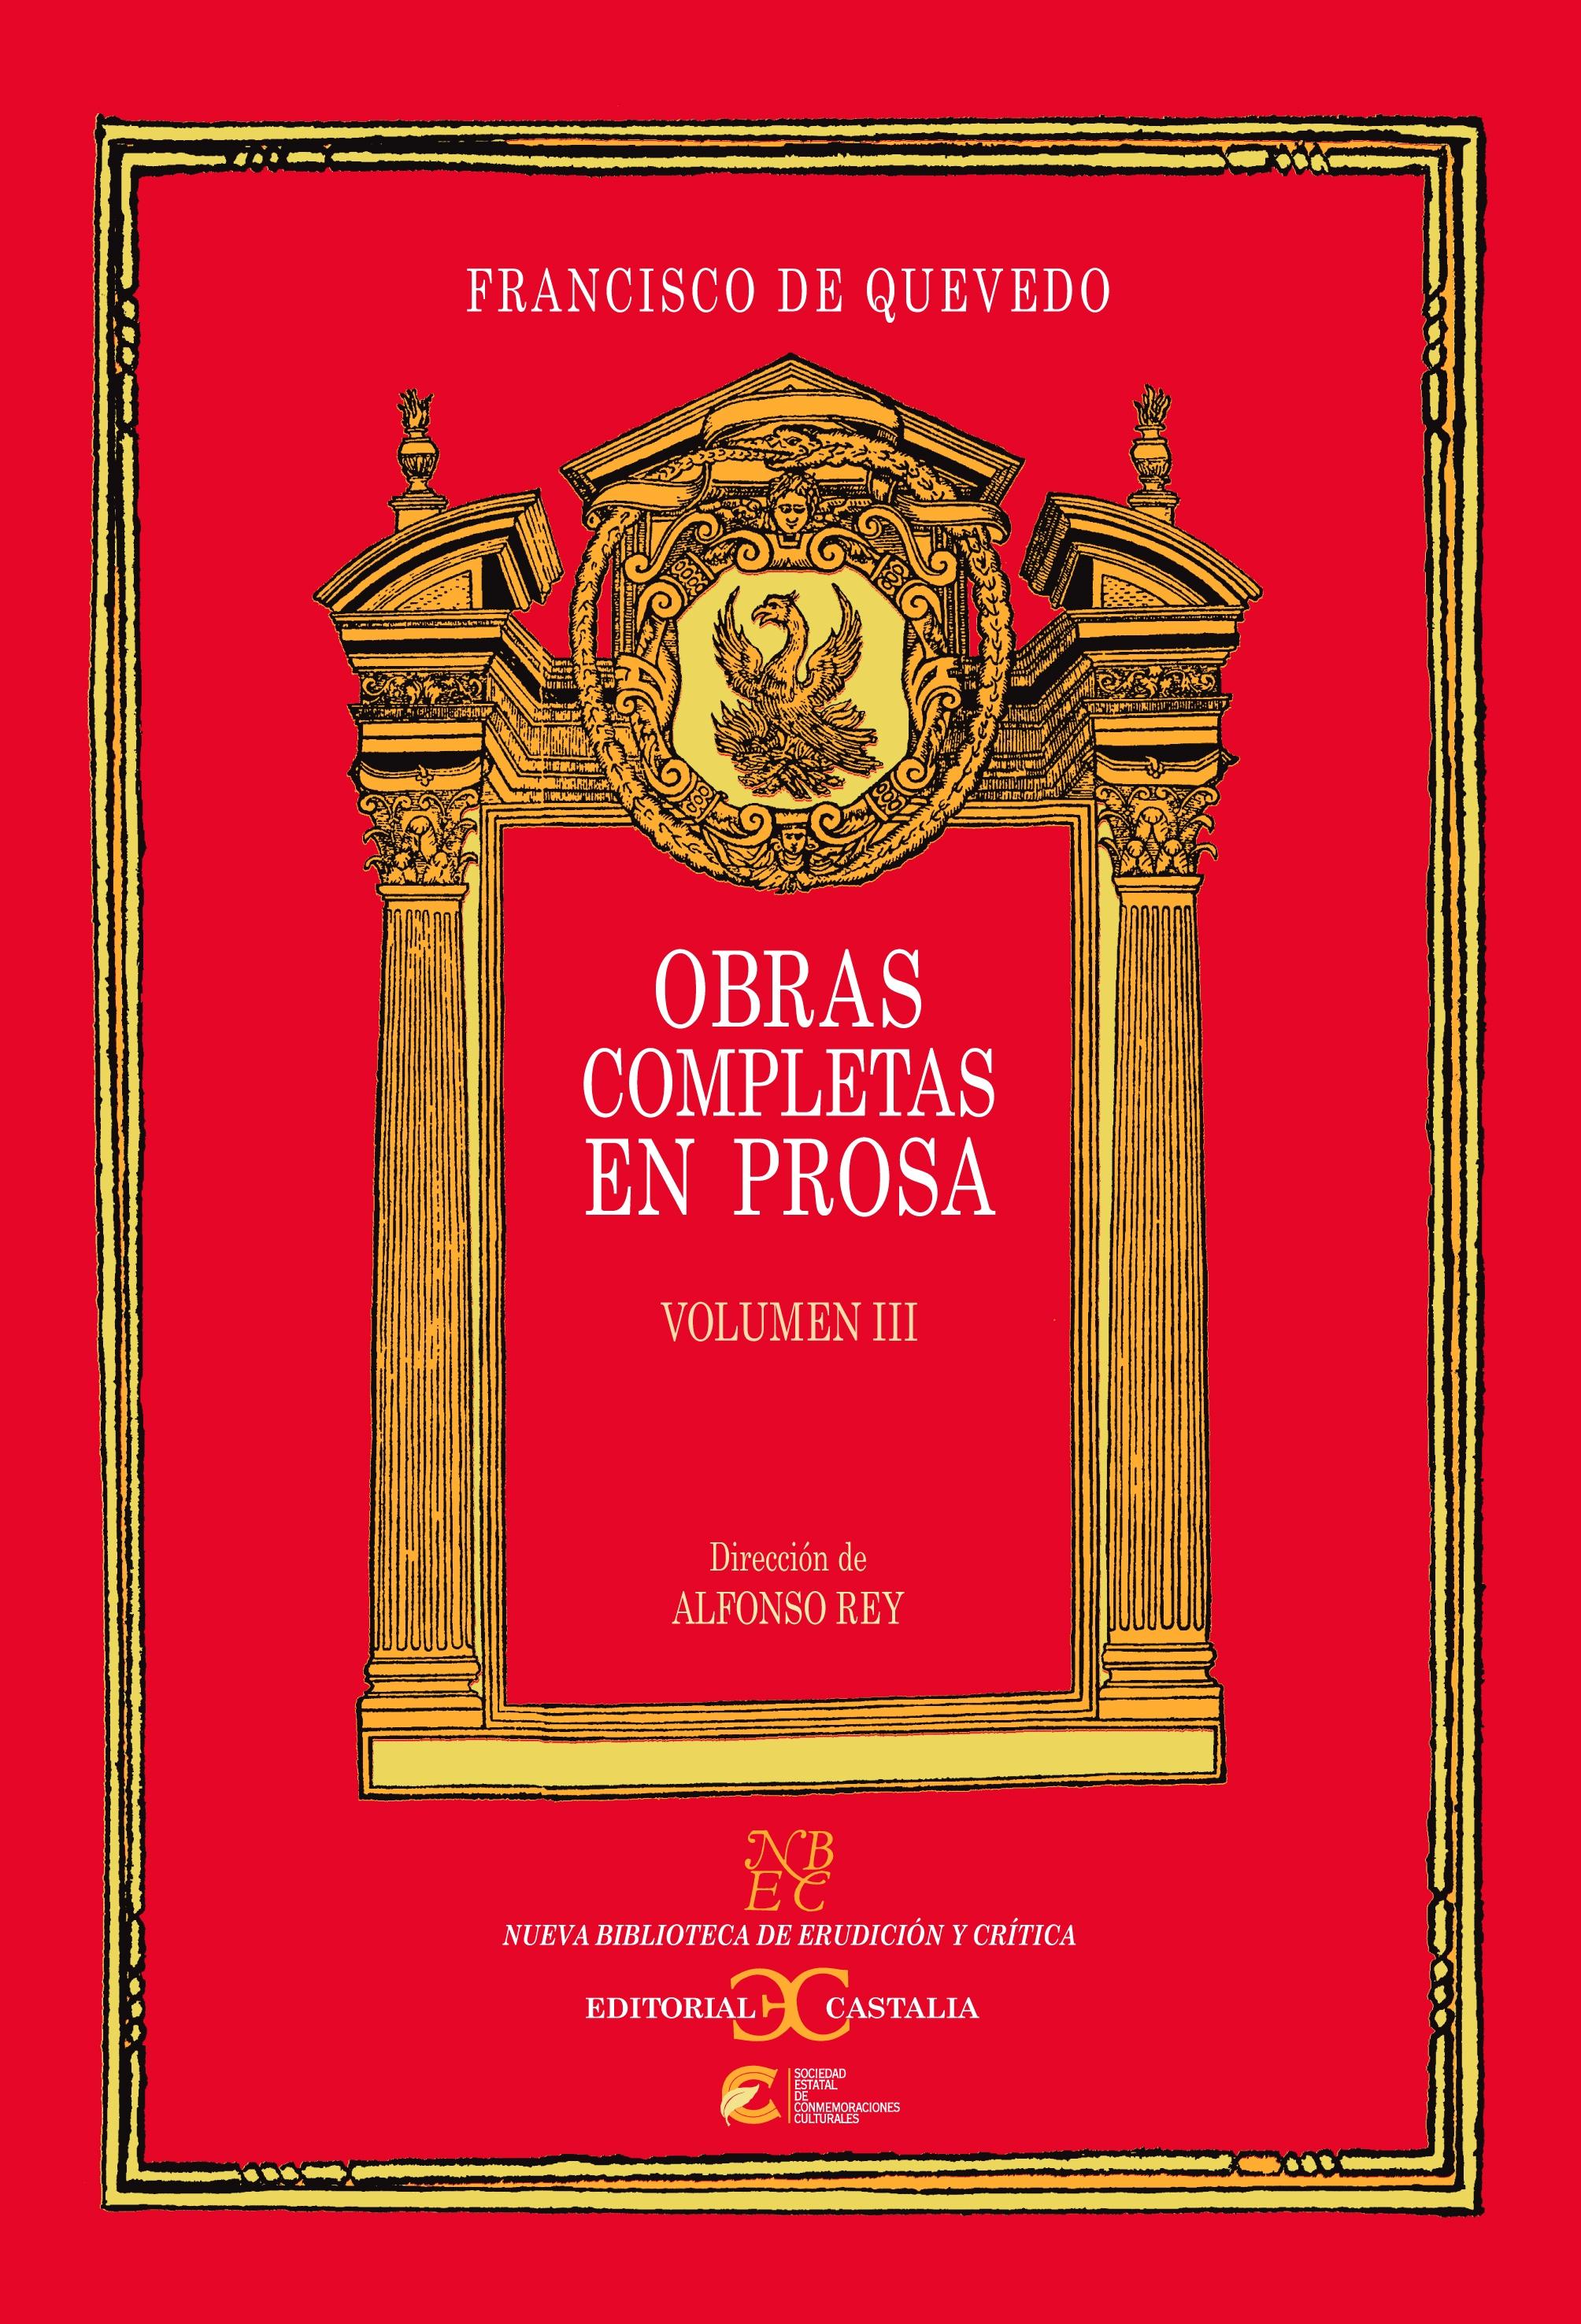 Obras completas en prosa. Volumen III